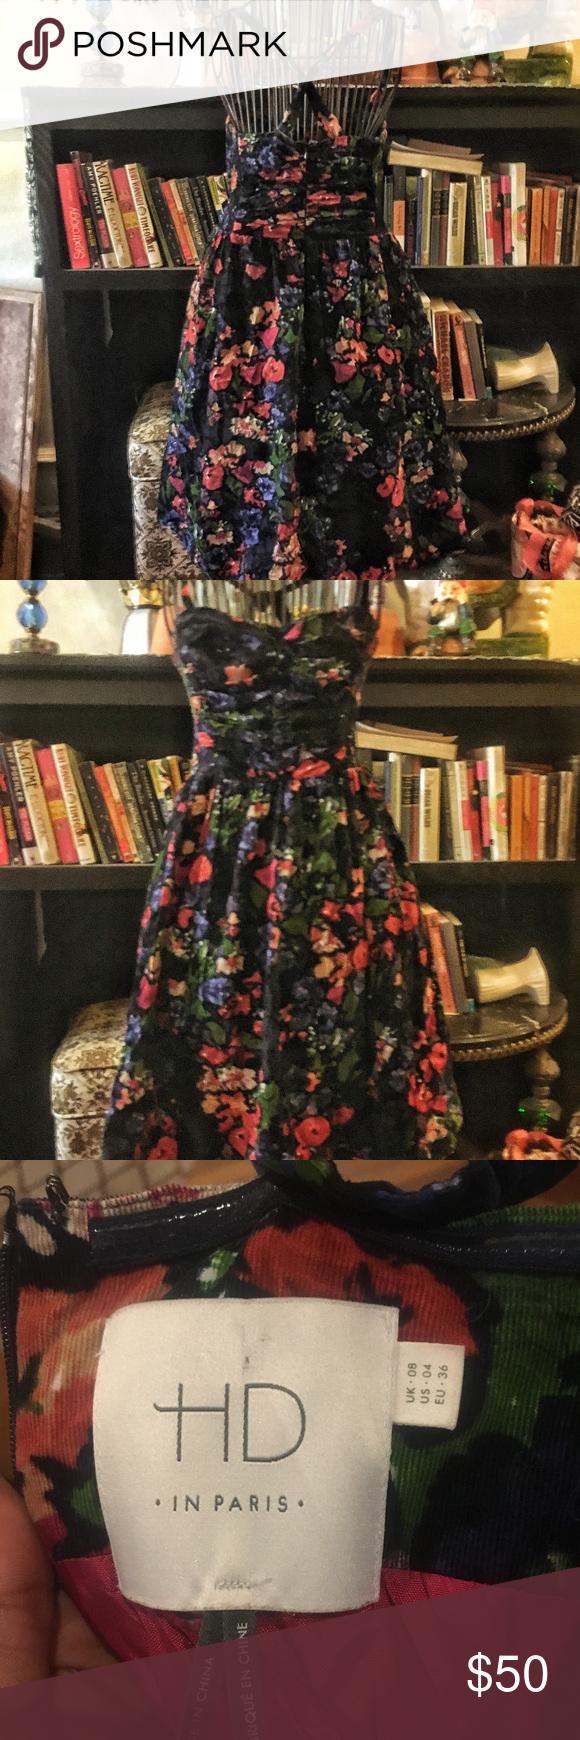 Floral anthropologie hd in paris dress paris dresses